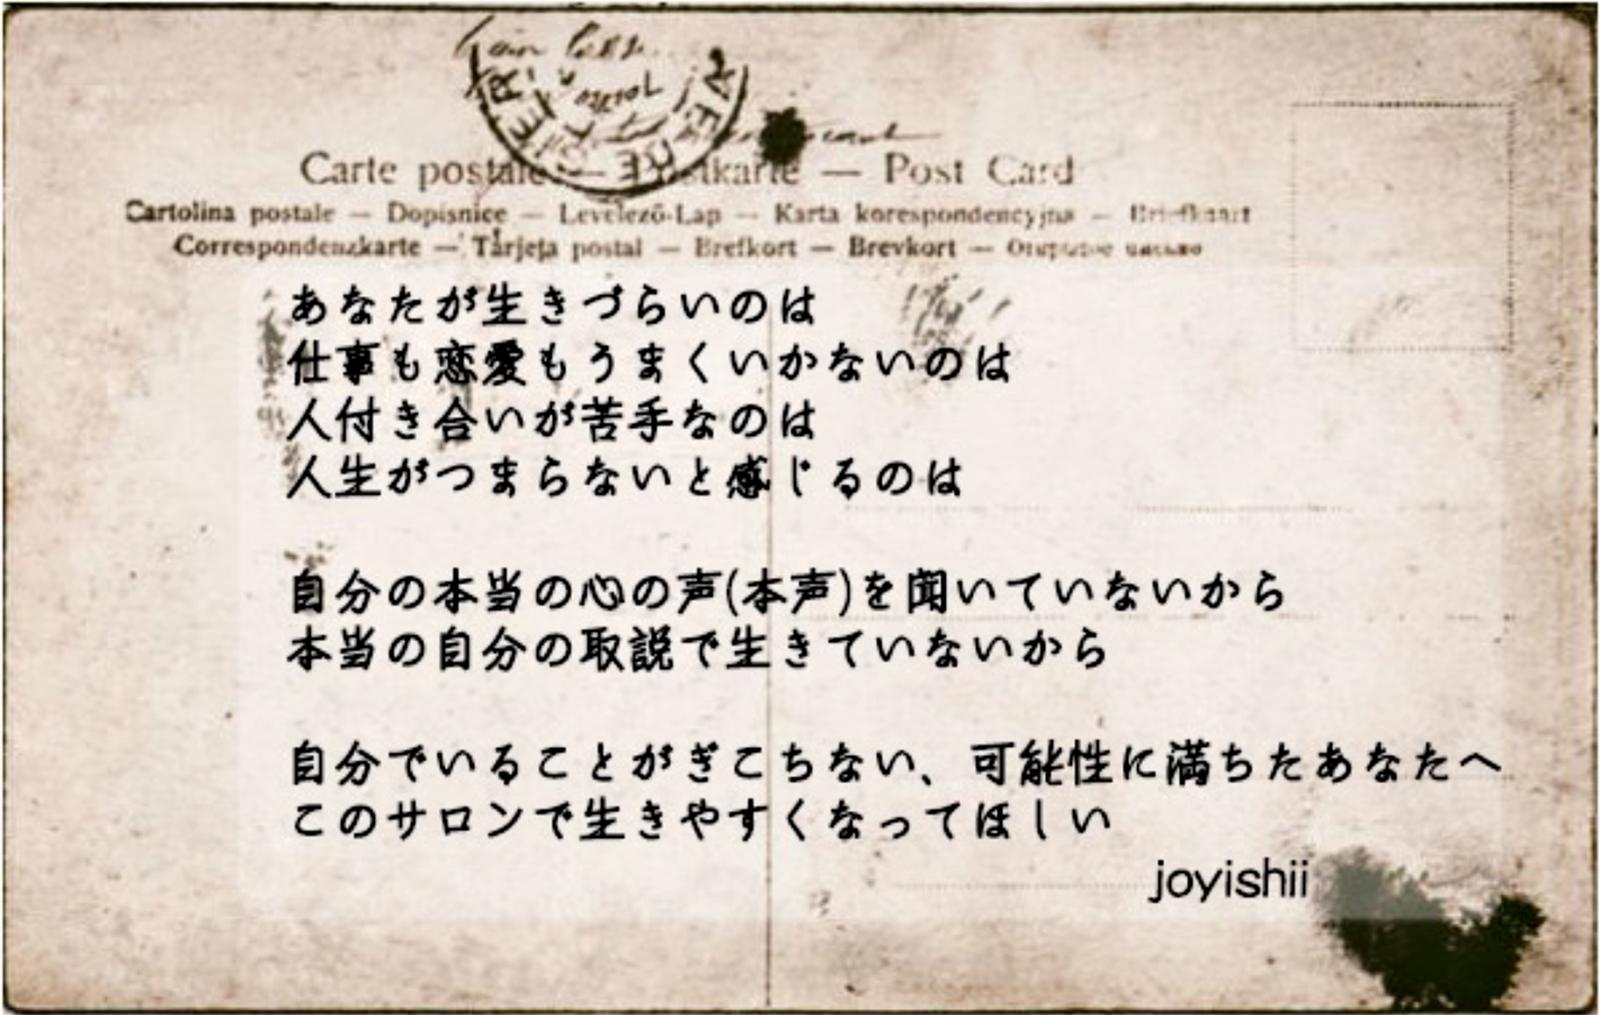 ジョイ石井オンラインサロン「ポジティブサロン」